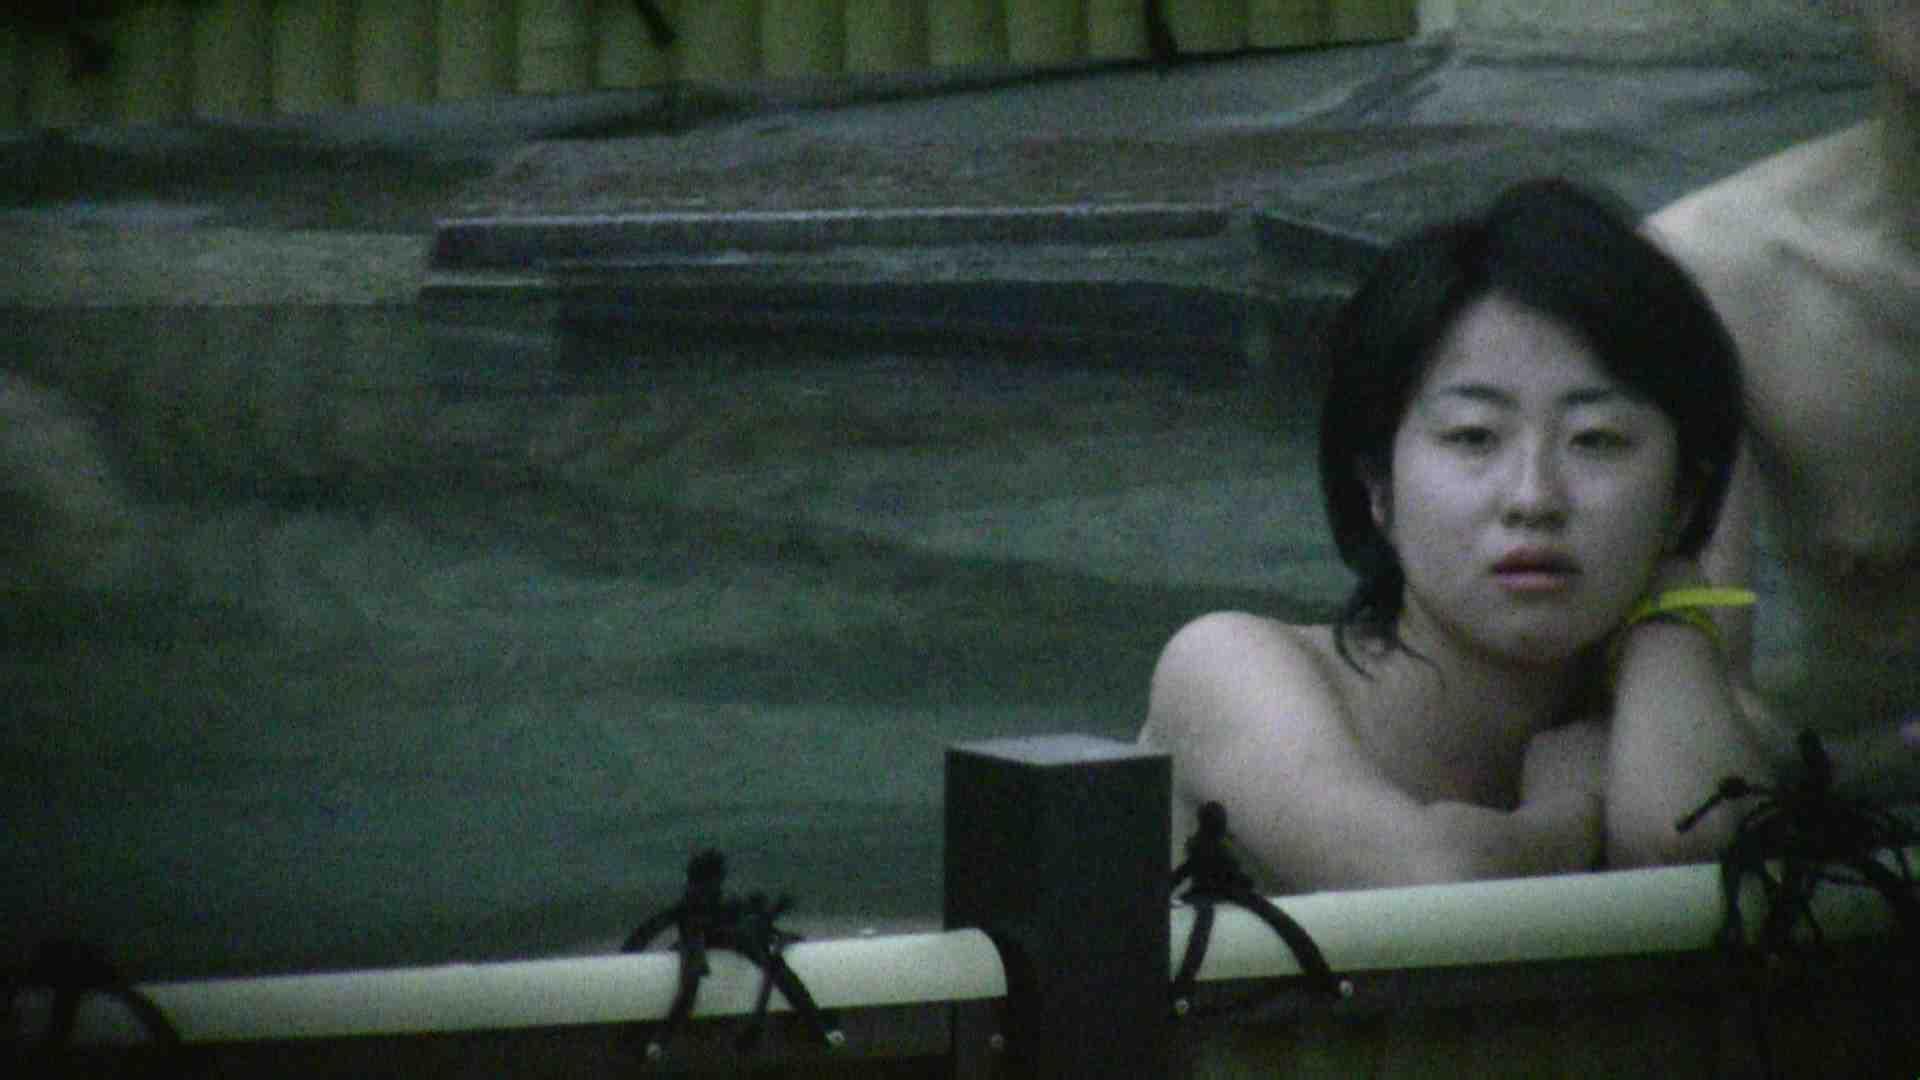 Aquaな露天風呂Vol.112 OLエロ画像  26PICs 21